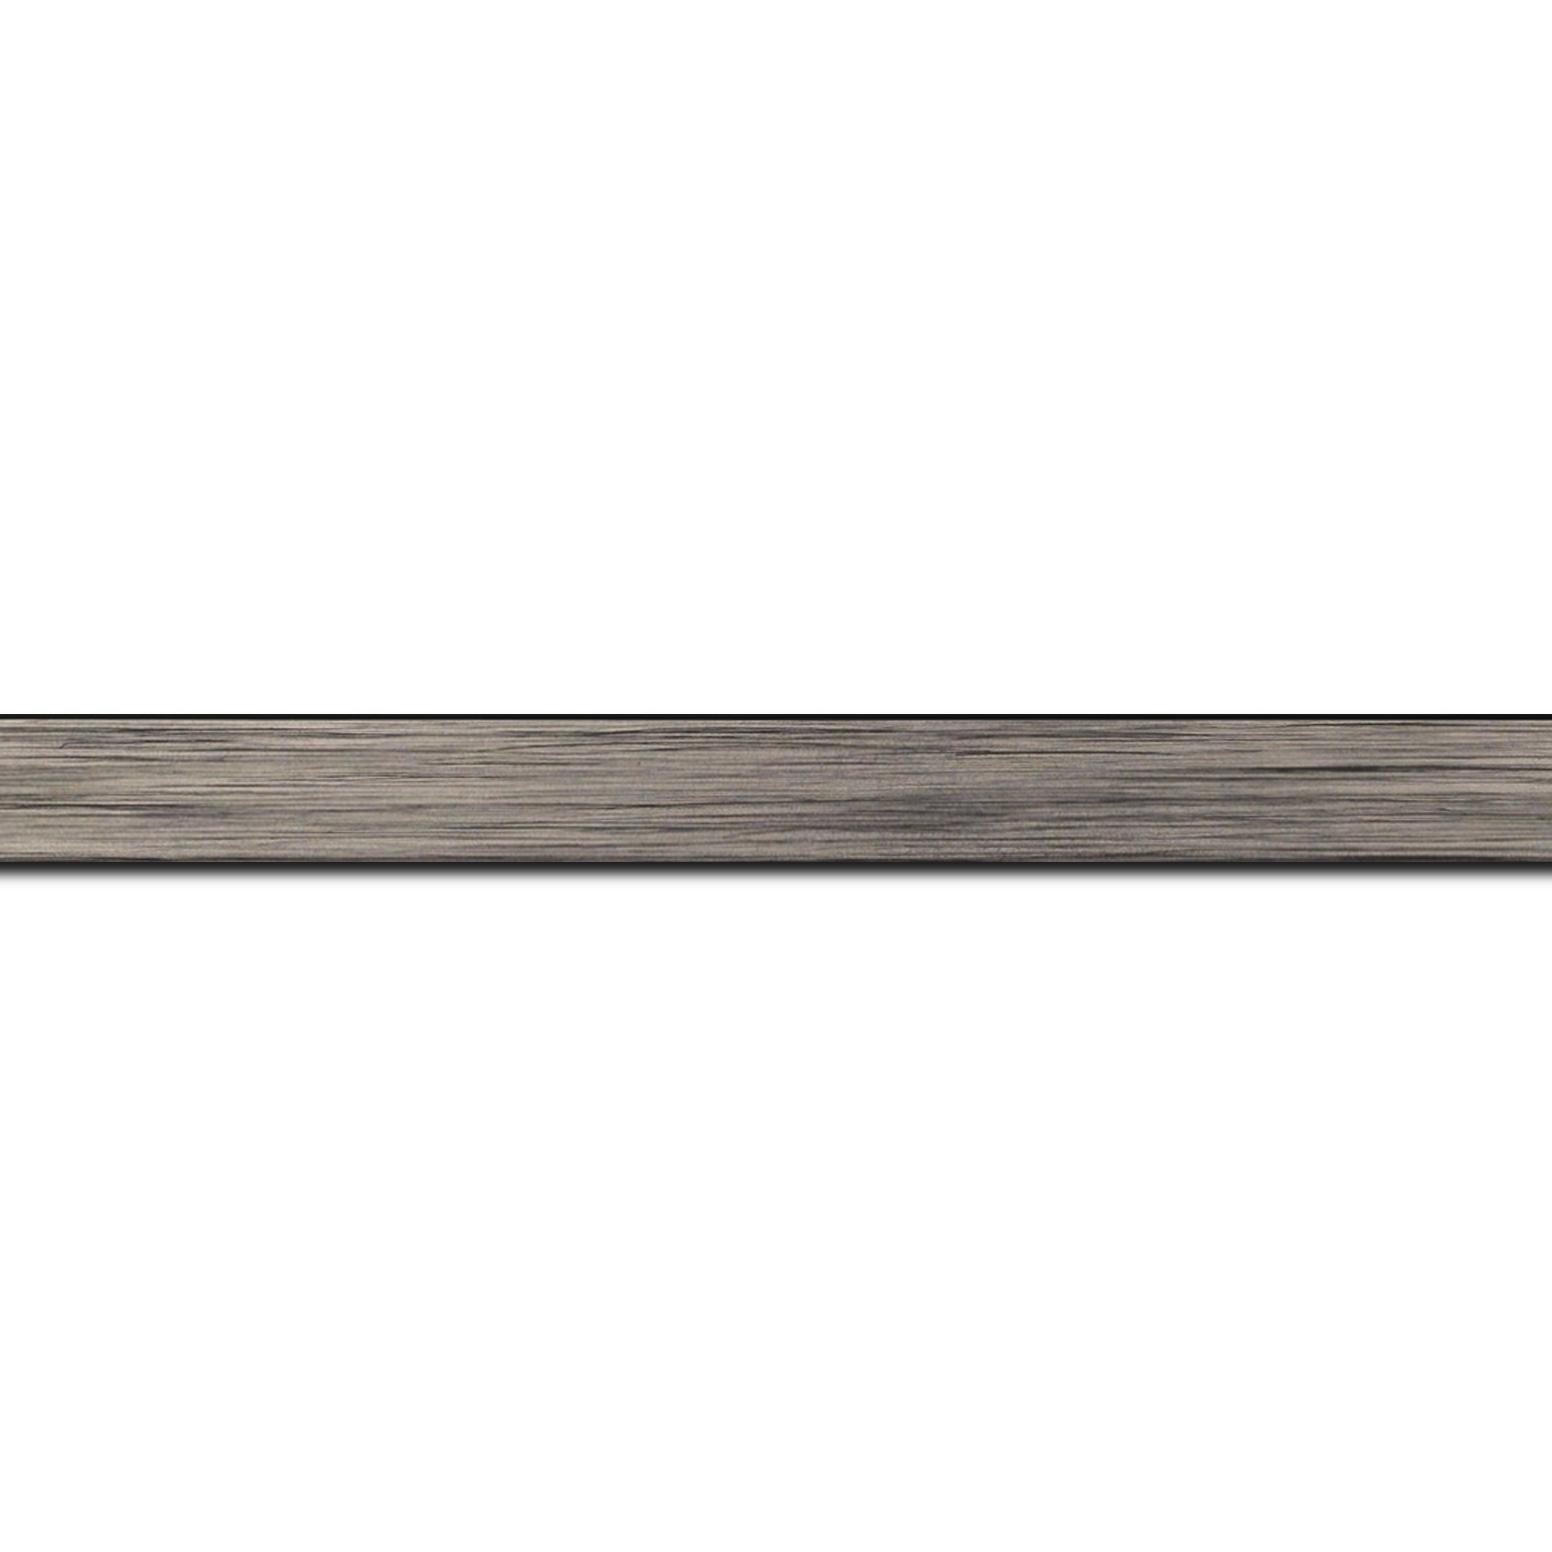 Baguette longueur 1.40m bois profil plat largeur 1.5cm couleur plomb